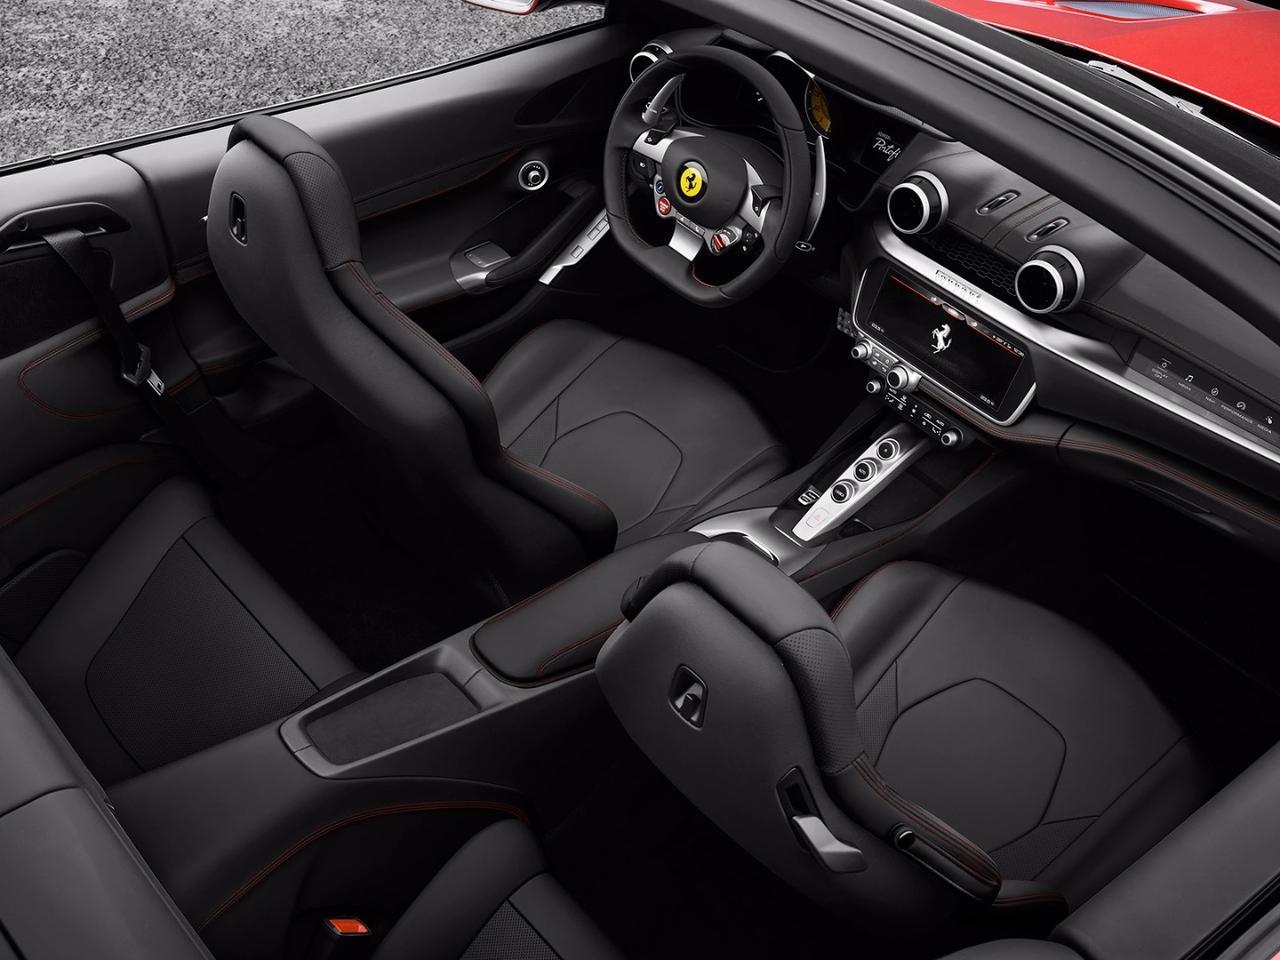 2018 Ferrari Portofino: interior features separate center and passenger touch screens